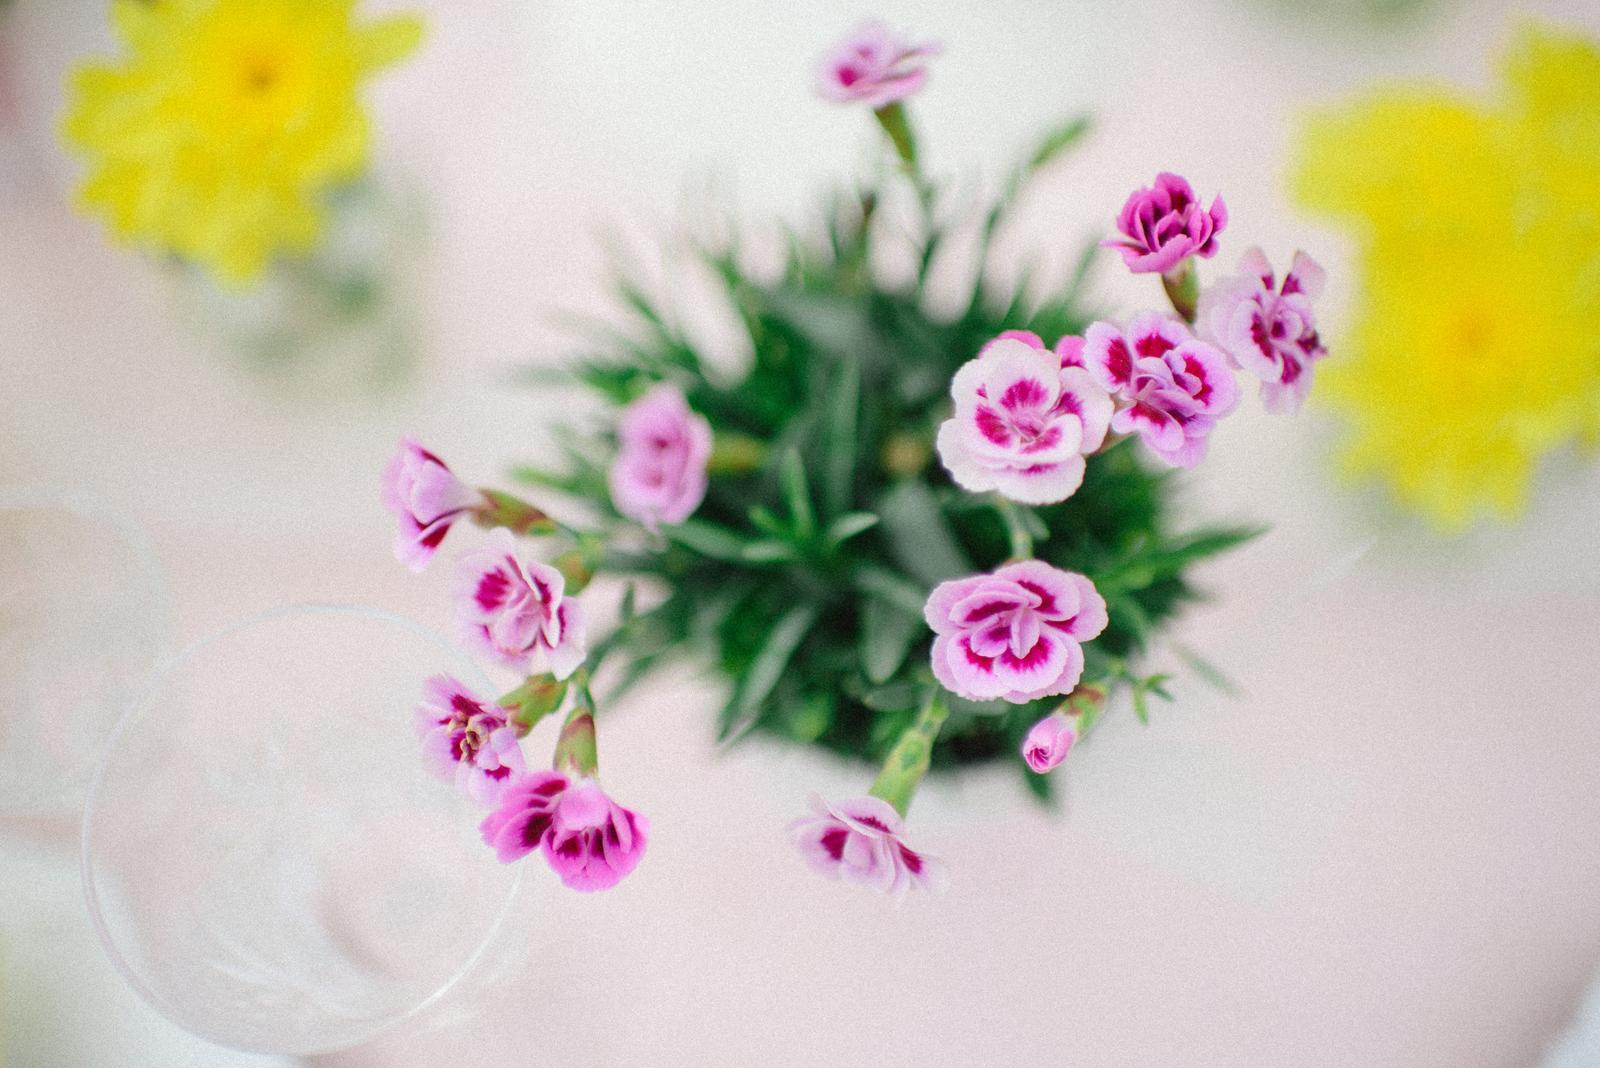 Jarné rande foto - moja srdcová záležitosť a hobby :) - Obrázok č. 14